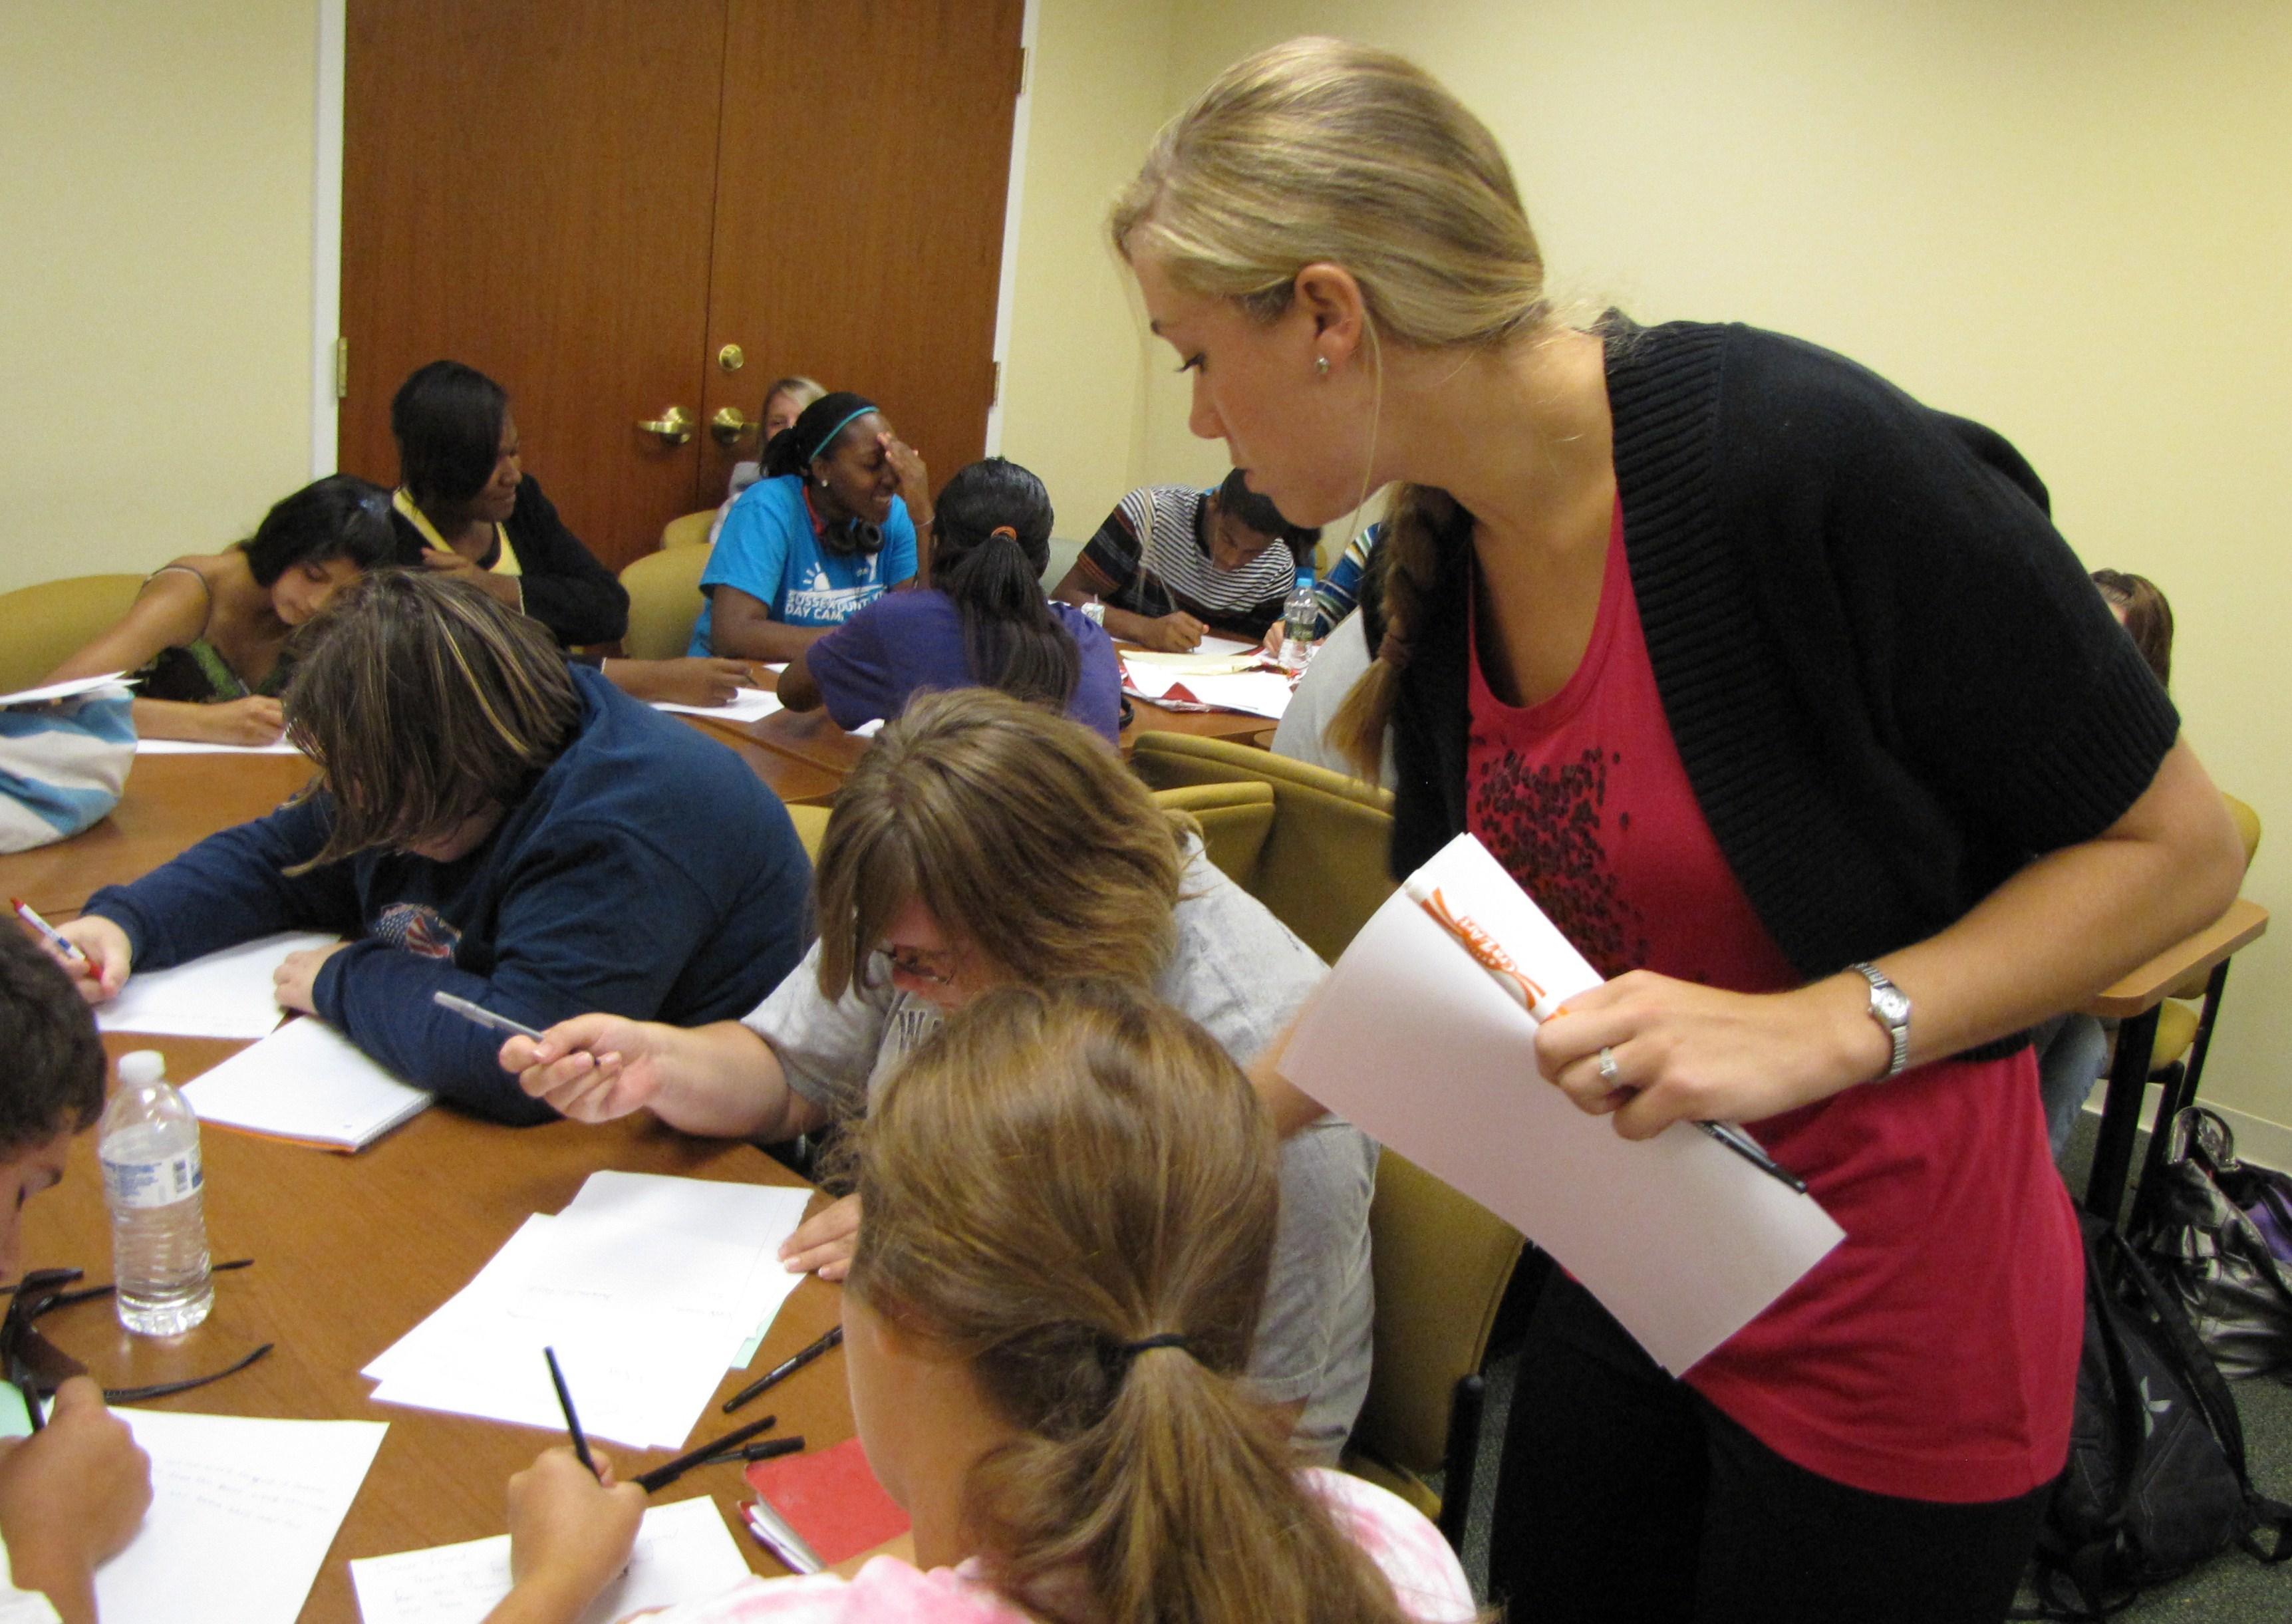 67acd471a4977d7c5323_Summer_Youth_Employment_Program__2012.jpg